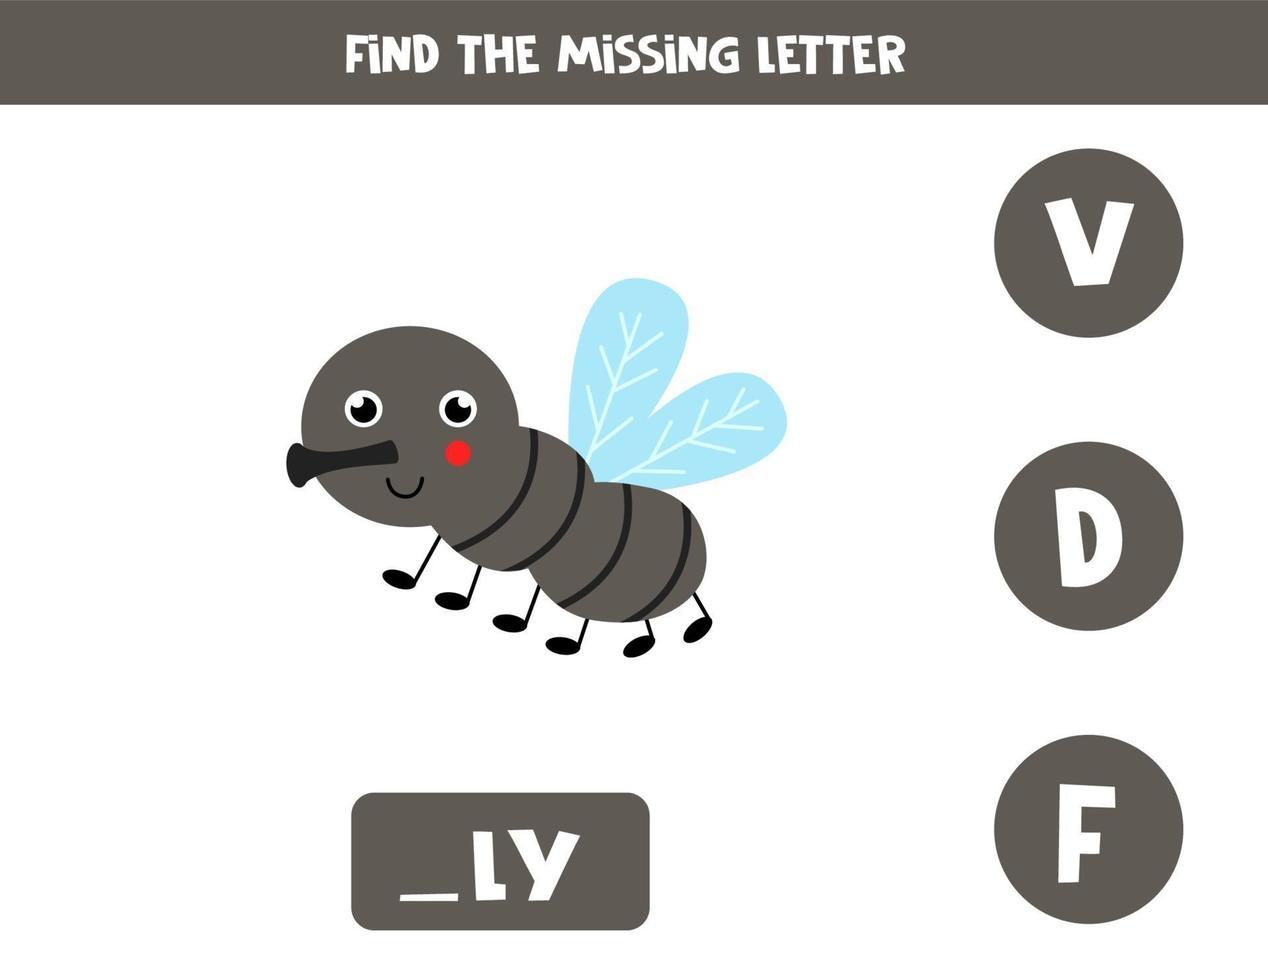 hitta saknad bokstav med söt mygg. stavning kalkylblad. vektor